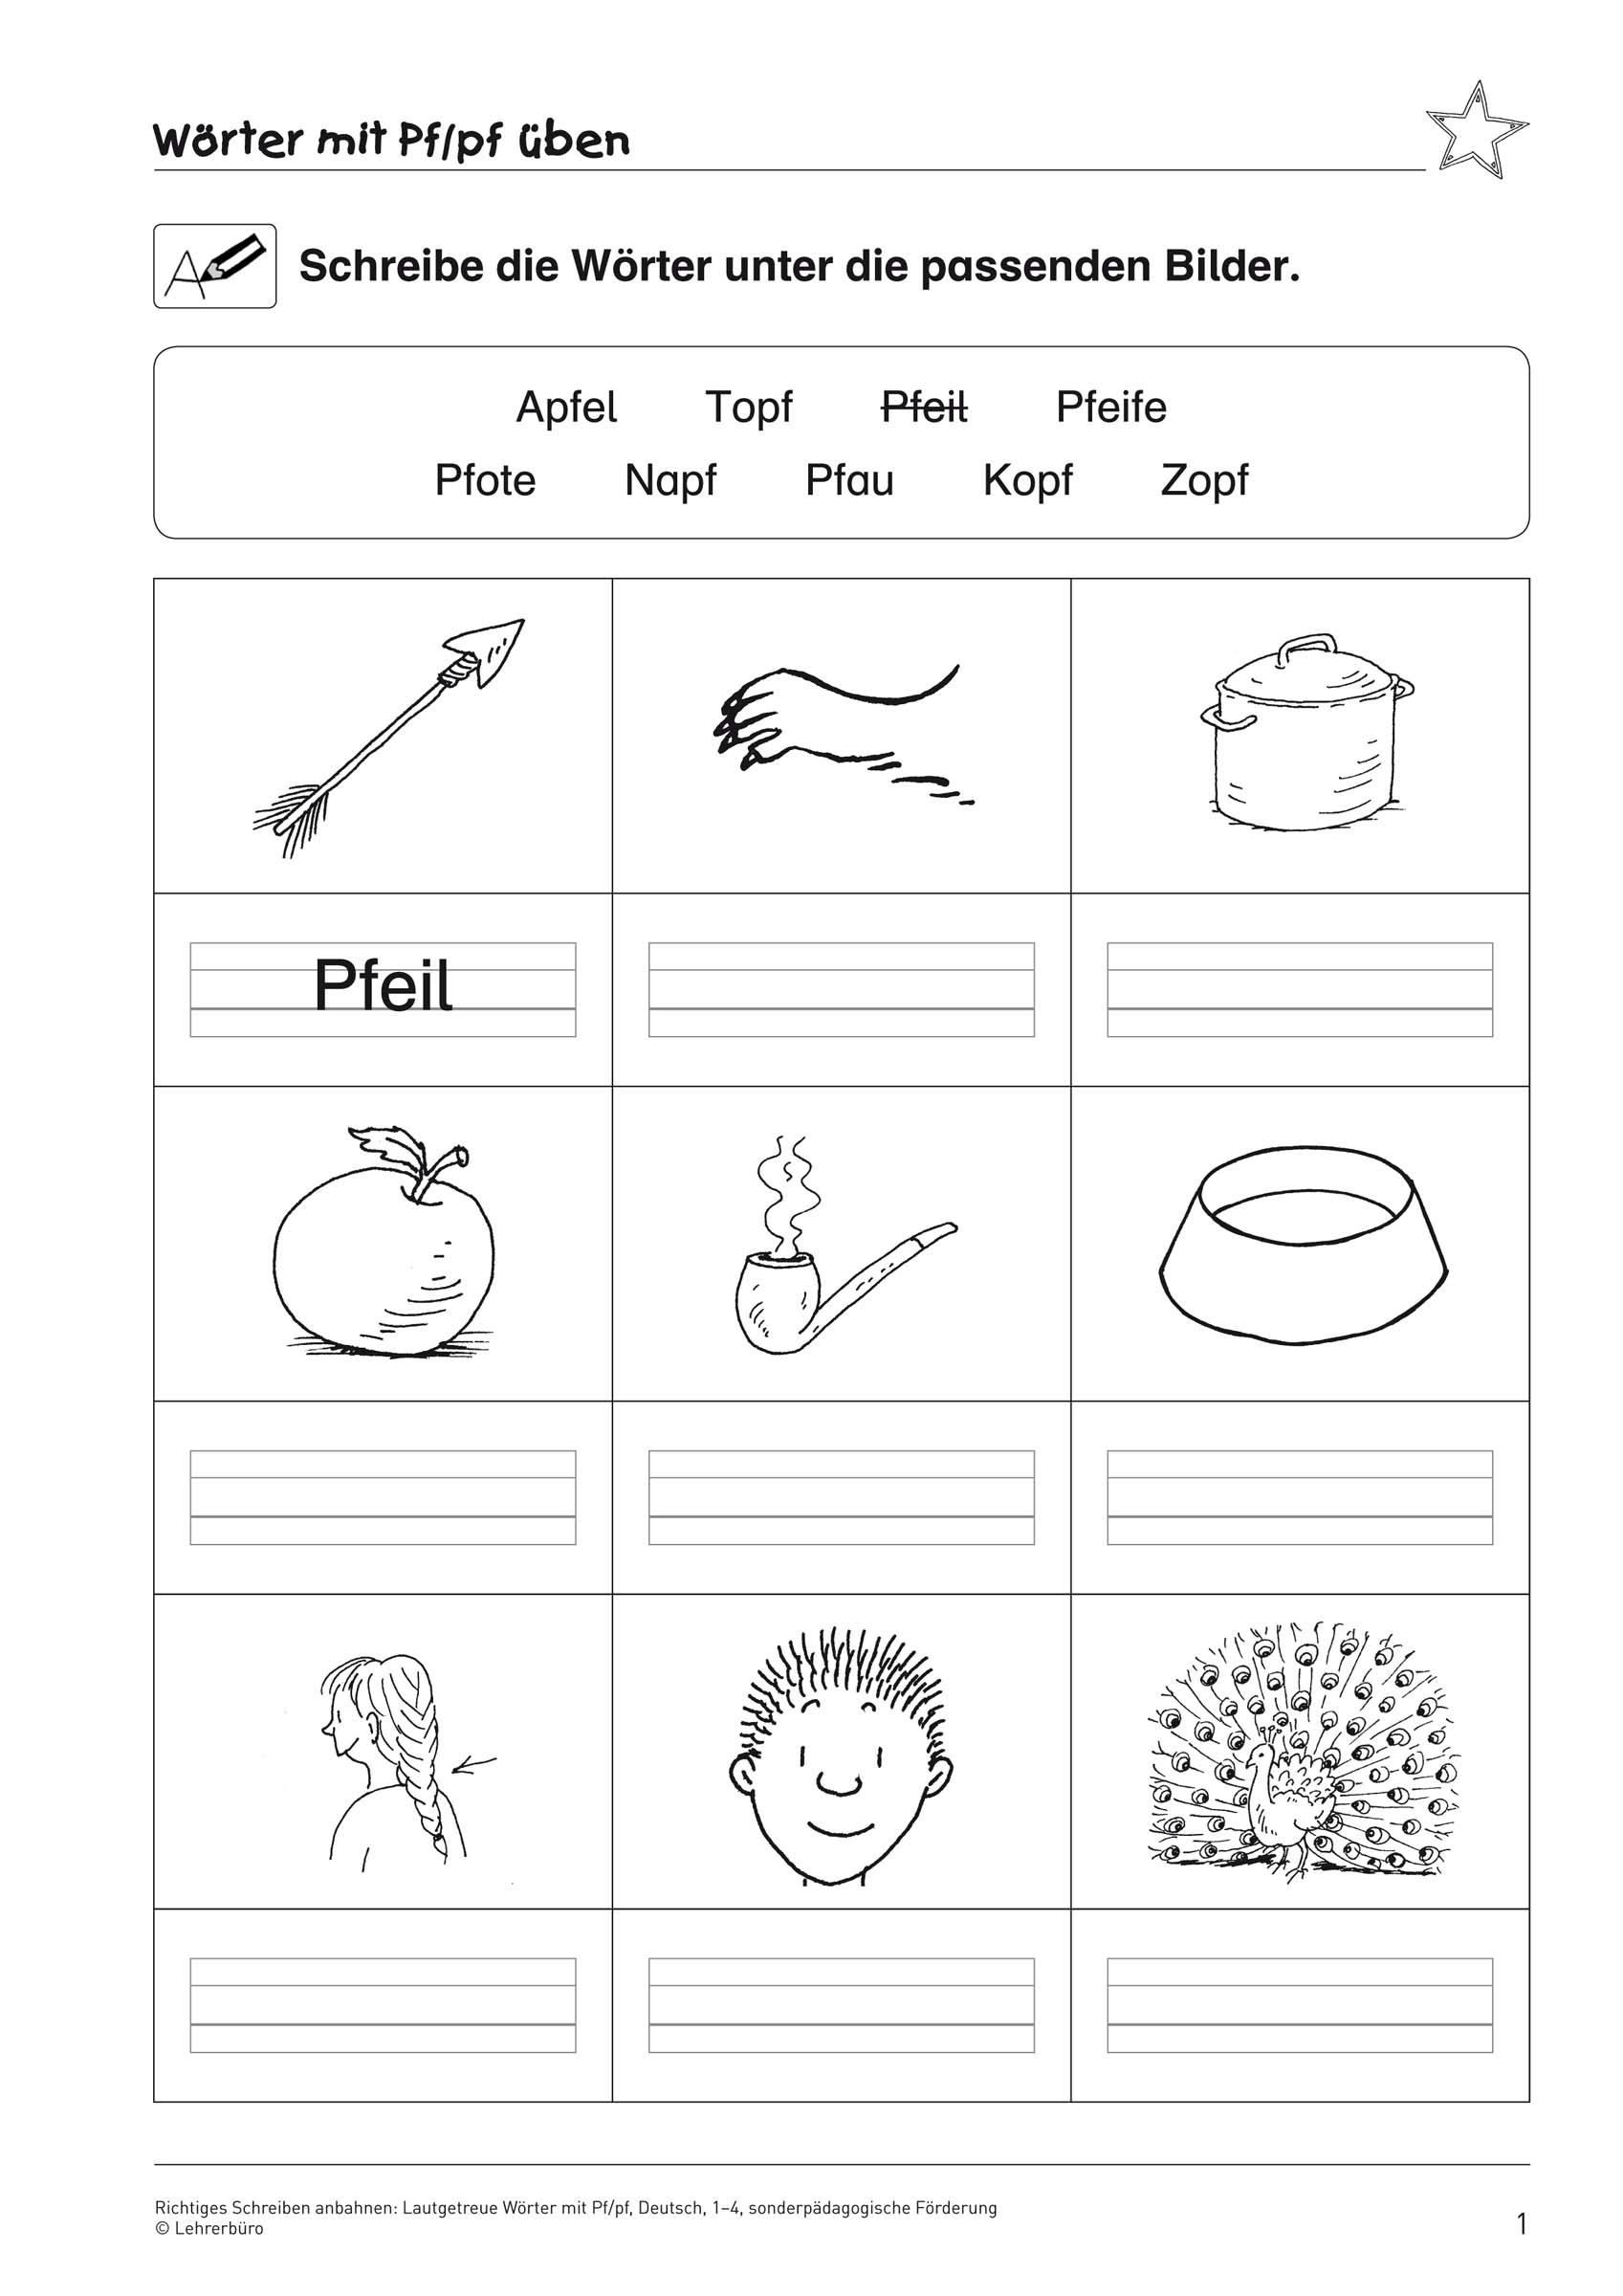 Wörter Die Mit Ö Beginnen | Steno Online, Lektion 03: Die bestimmt für Wörter Die Mit Ü Beginnen